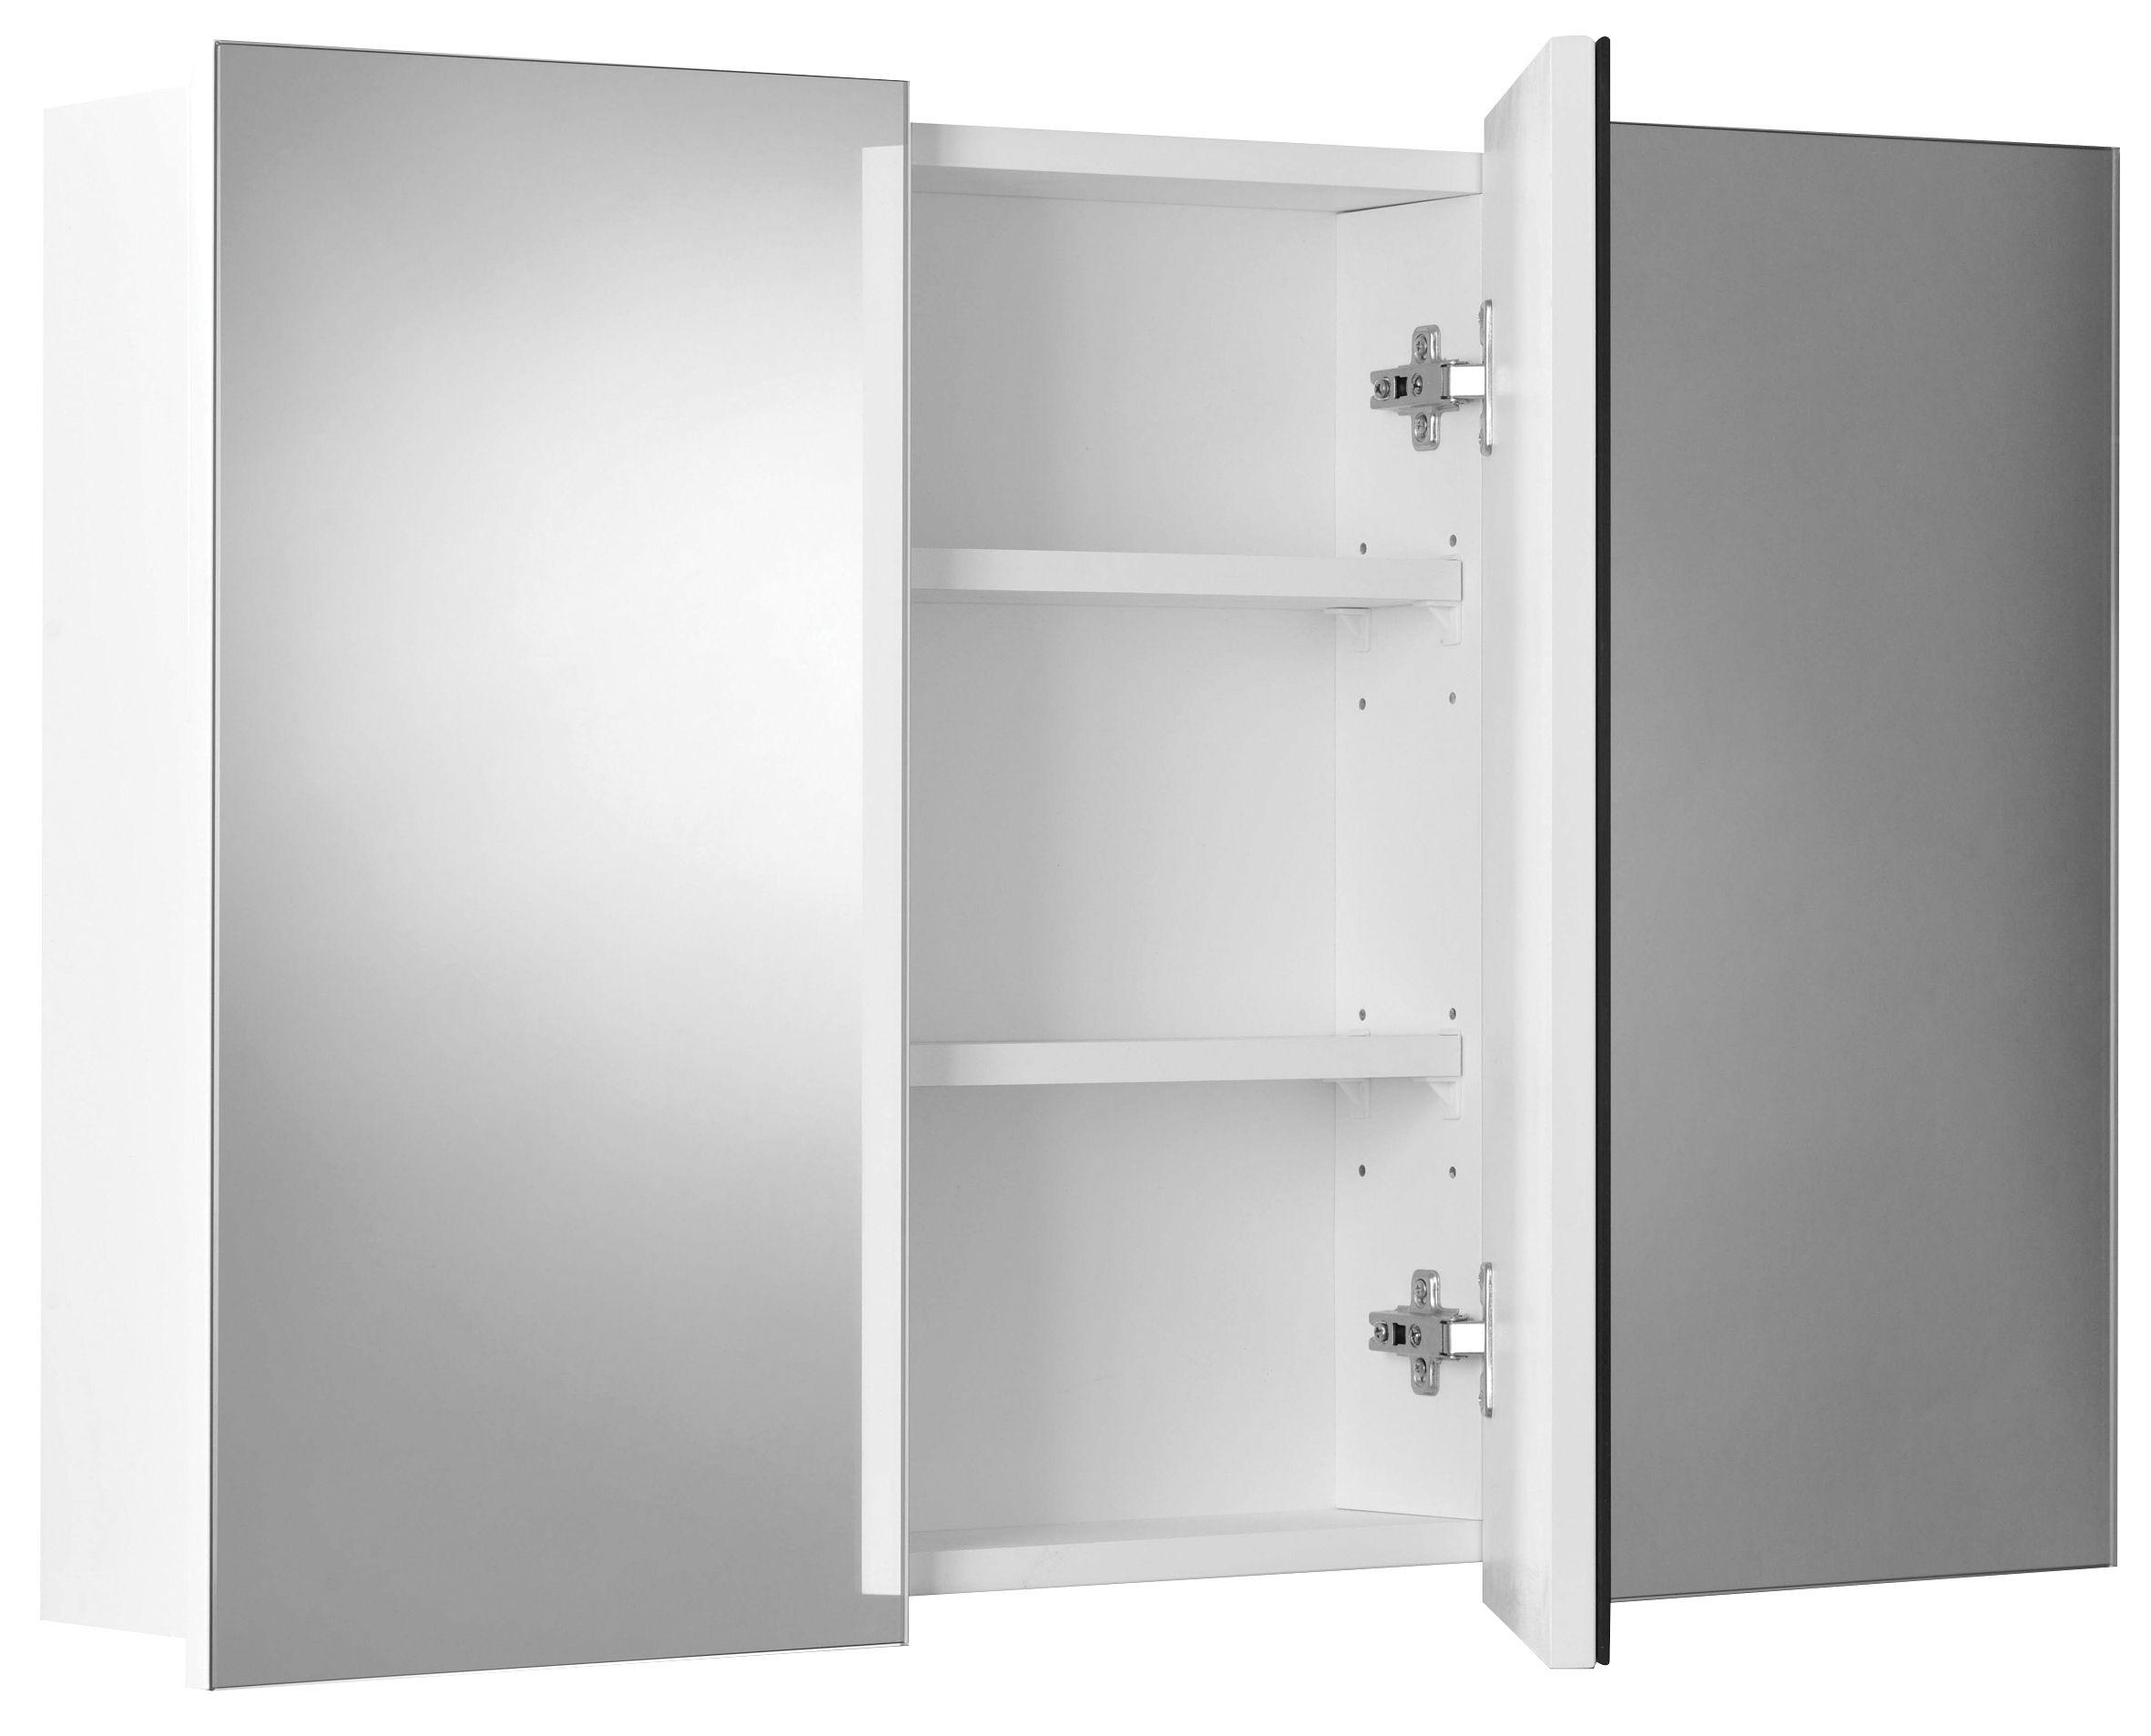 Mirror Door Bathroom Cabinet | http://drrw.us | Pinterest | Bathroom ...